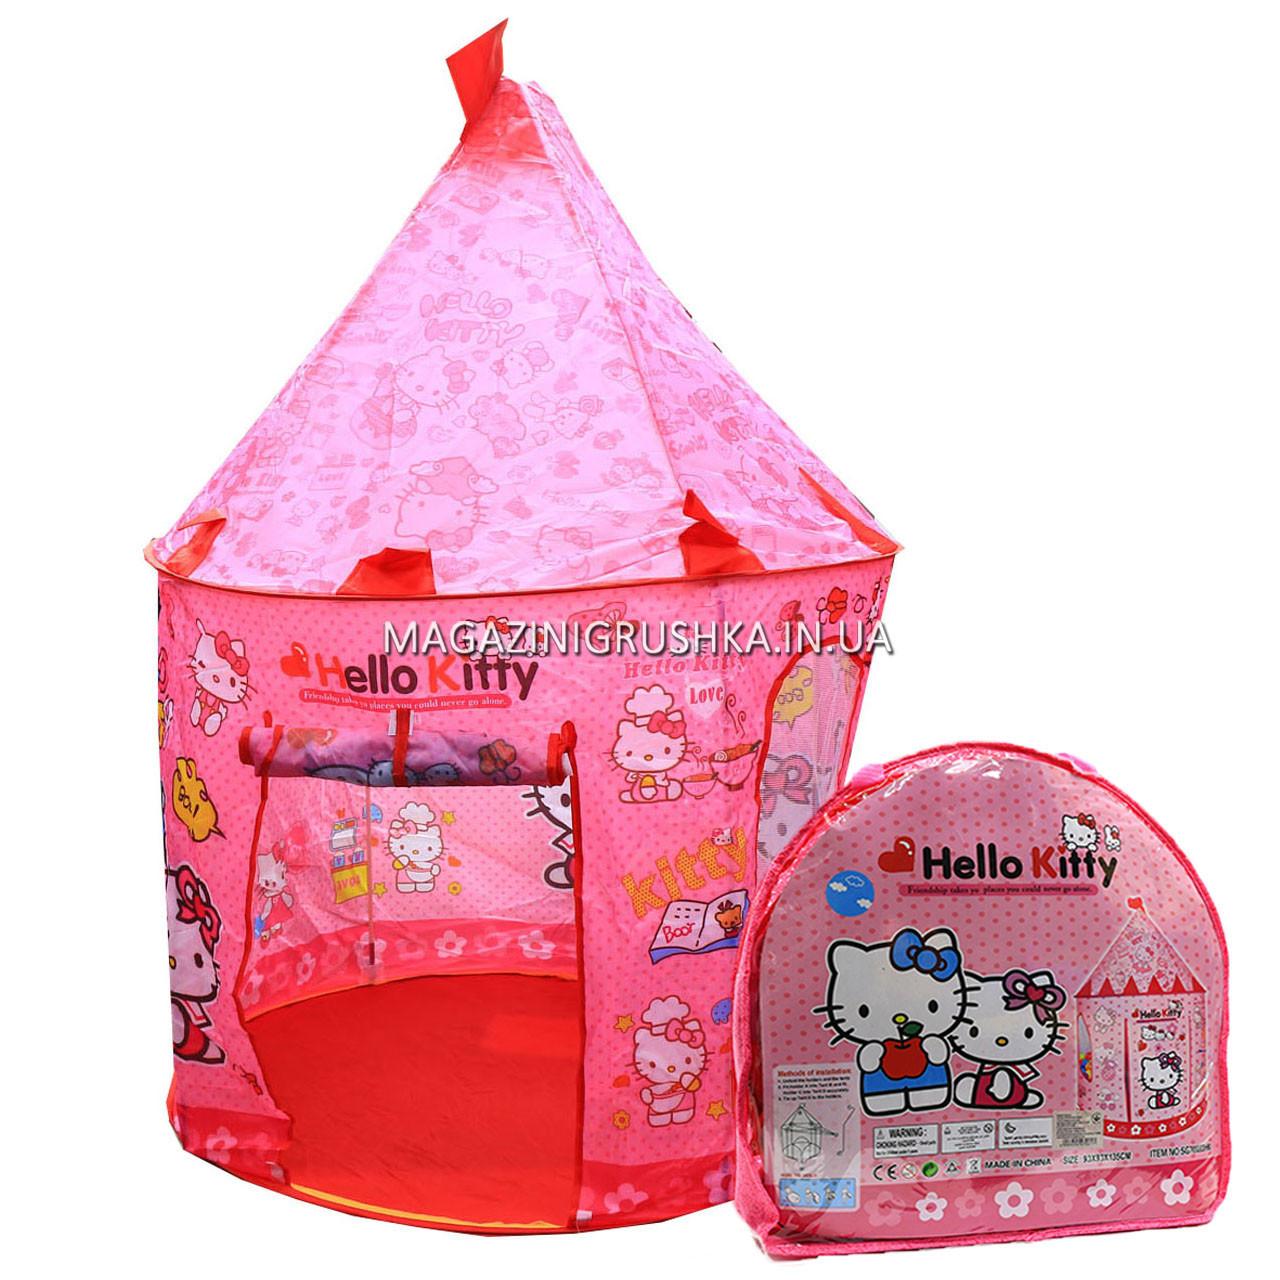 Детская игровая палатка домик «Замок Китти» SG70033HK. Ребенок сможет комфортно играть в палатке.